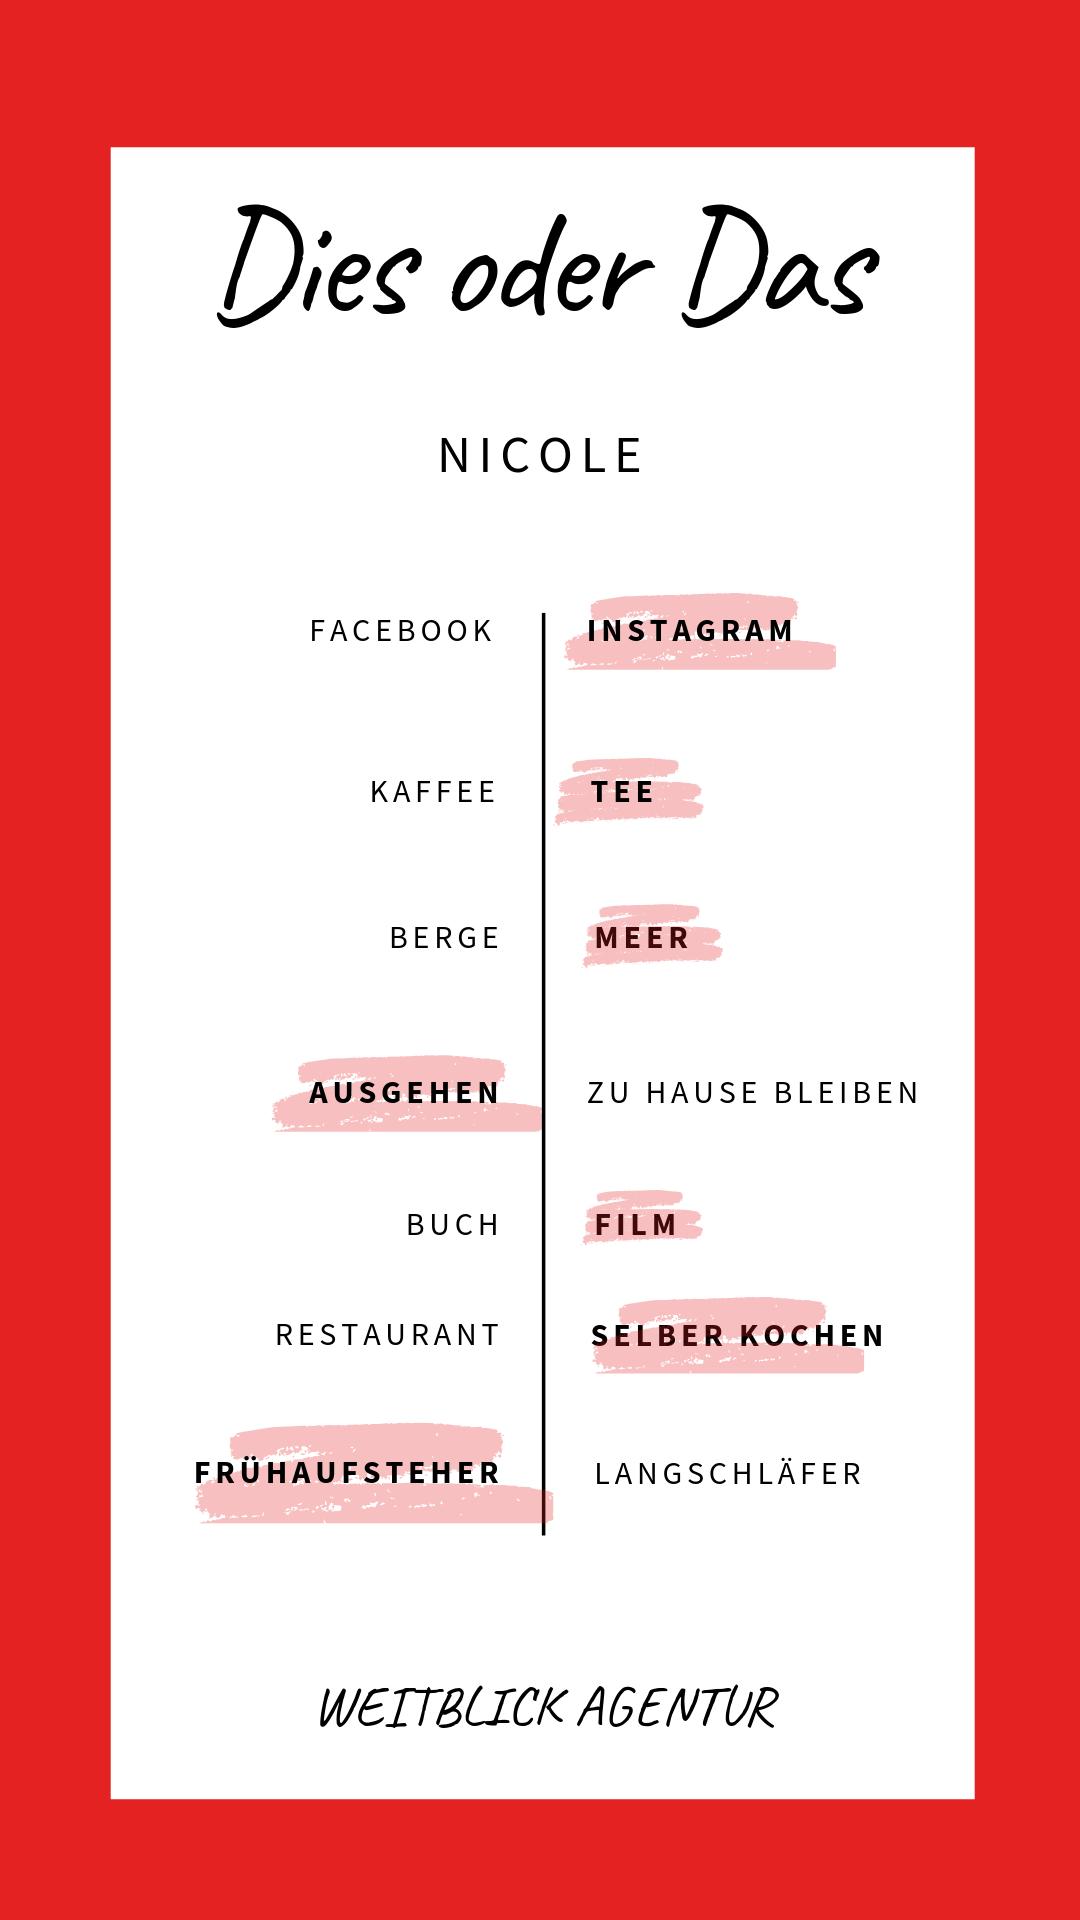 Dies-oder-das-Nicole